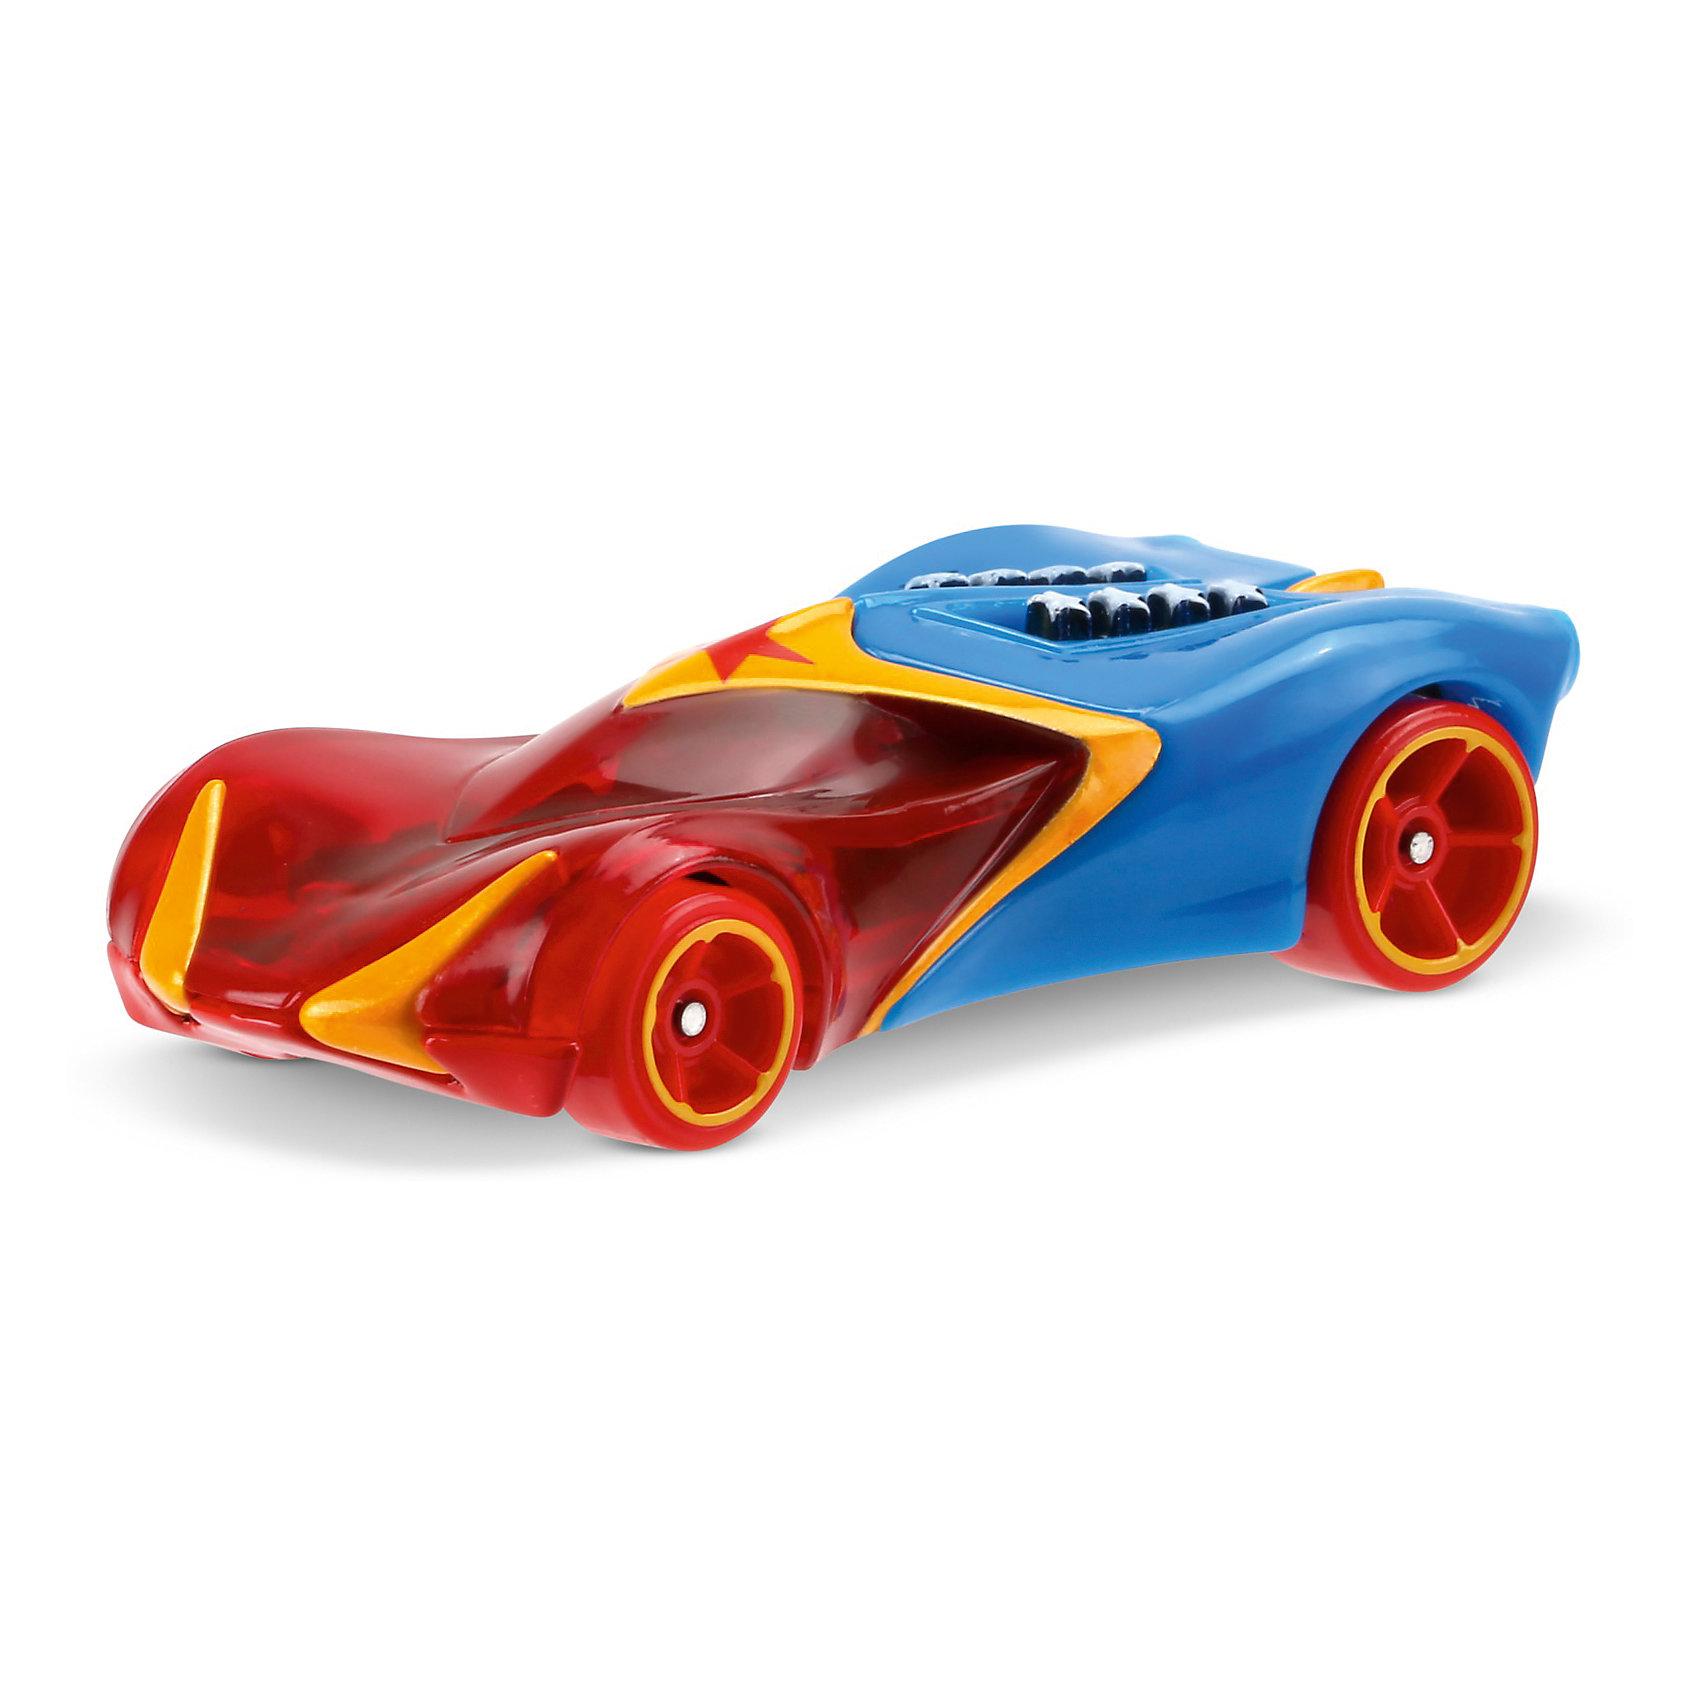 Машинка DCSHG Чудо-женщина, Hot WheelsМашинки<br>Машинка DCSHG Чудо-женщина, Hot Wheels.<br><br>Характеристики:<br><br>- Масштаб 1:64<br>- Материал: металл, пластик<br><br>Машинка DCSHG Чудо-женщина, Hot Wheels – это коллекционная модель, выполненная в образе миниатюрной героини кино-хита «Бэтмен против Супермена: на заре справедливости» Чудо-женщины. Уникальный дизайн машинки сделает любую игру вашего ребенка захватывающей и интересной. Модель обязательно заинтересует как маленьких поклонников супер героев, так взрослых коллекционеров авто. Литой корпус придает модели прочность и долговечность.<br><br>Машинку DCSHG Чудо-женщина, Hot Wheels можно купить в нашем интернет-магазине.<br><br>Ширина мм: 165<br>Глубина мм: 45<br>Высота мм: 140<br>Вес г: 85<br>Возраст от месяцев: 36<br>Возраст до месяцев: 120<br>Пол: Мужской<br>Возраст: Детский<br>SKU: 5396414